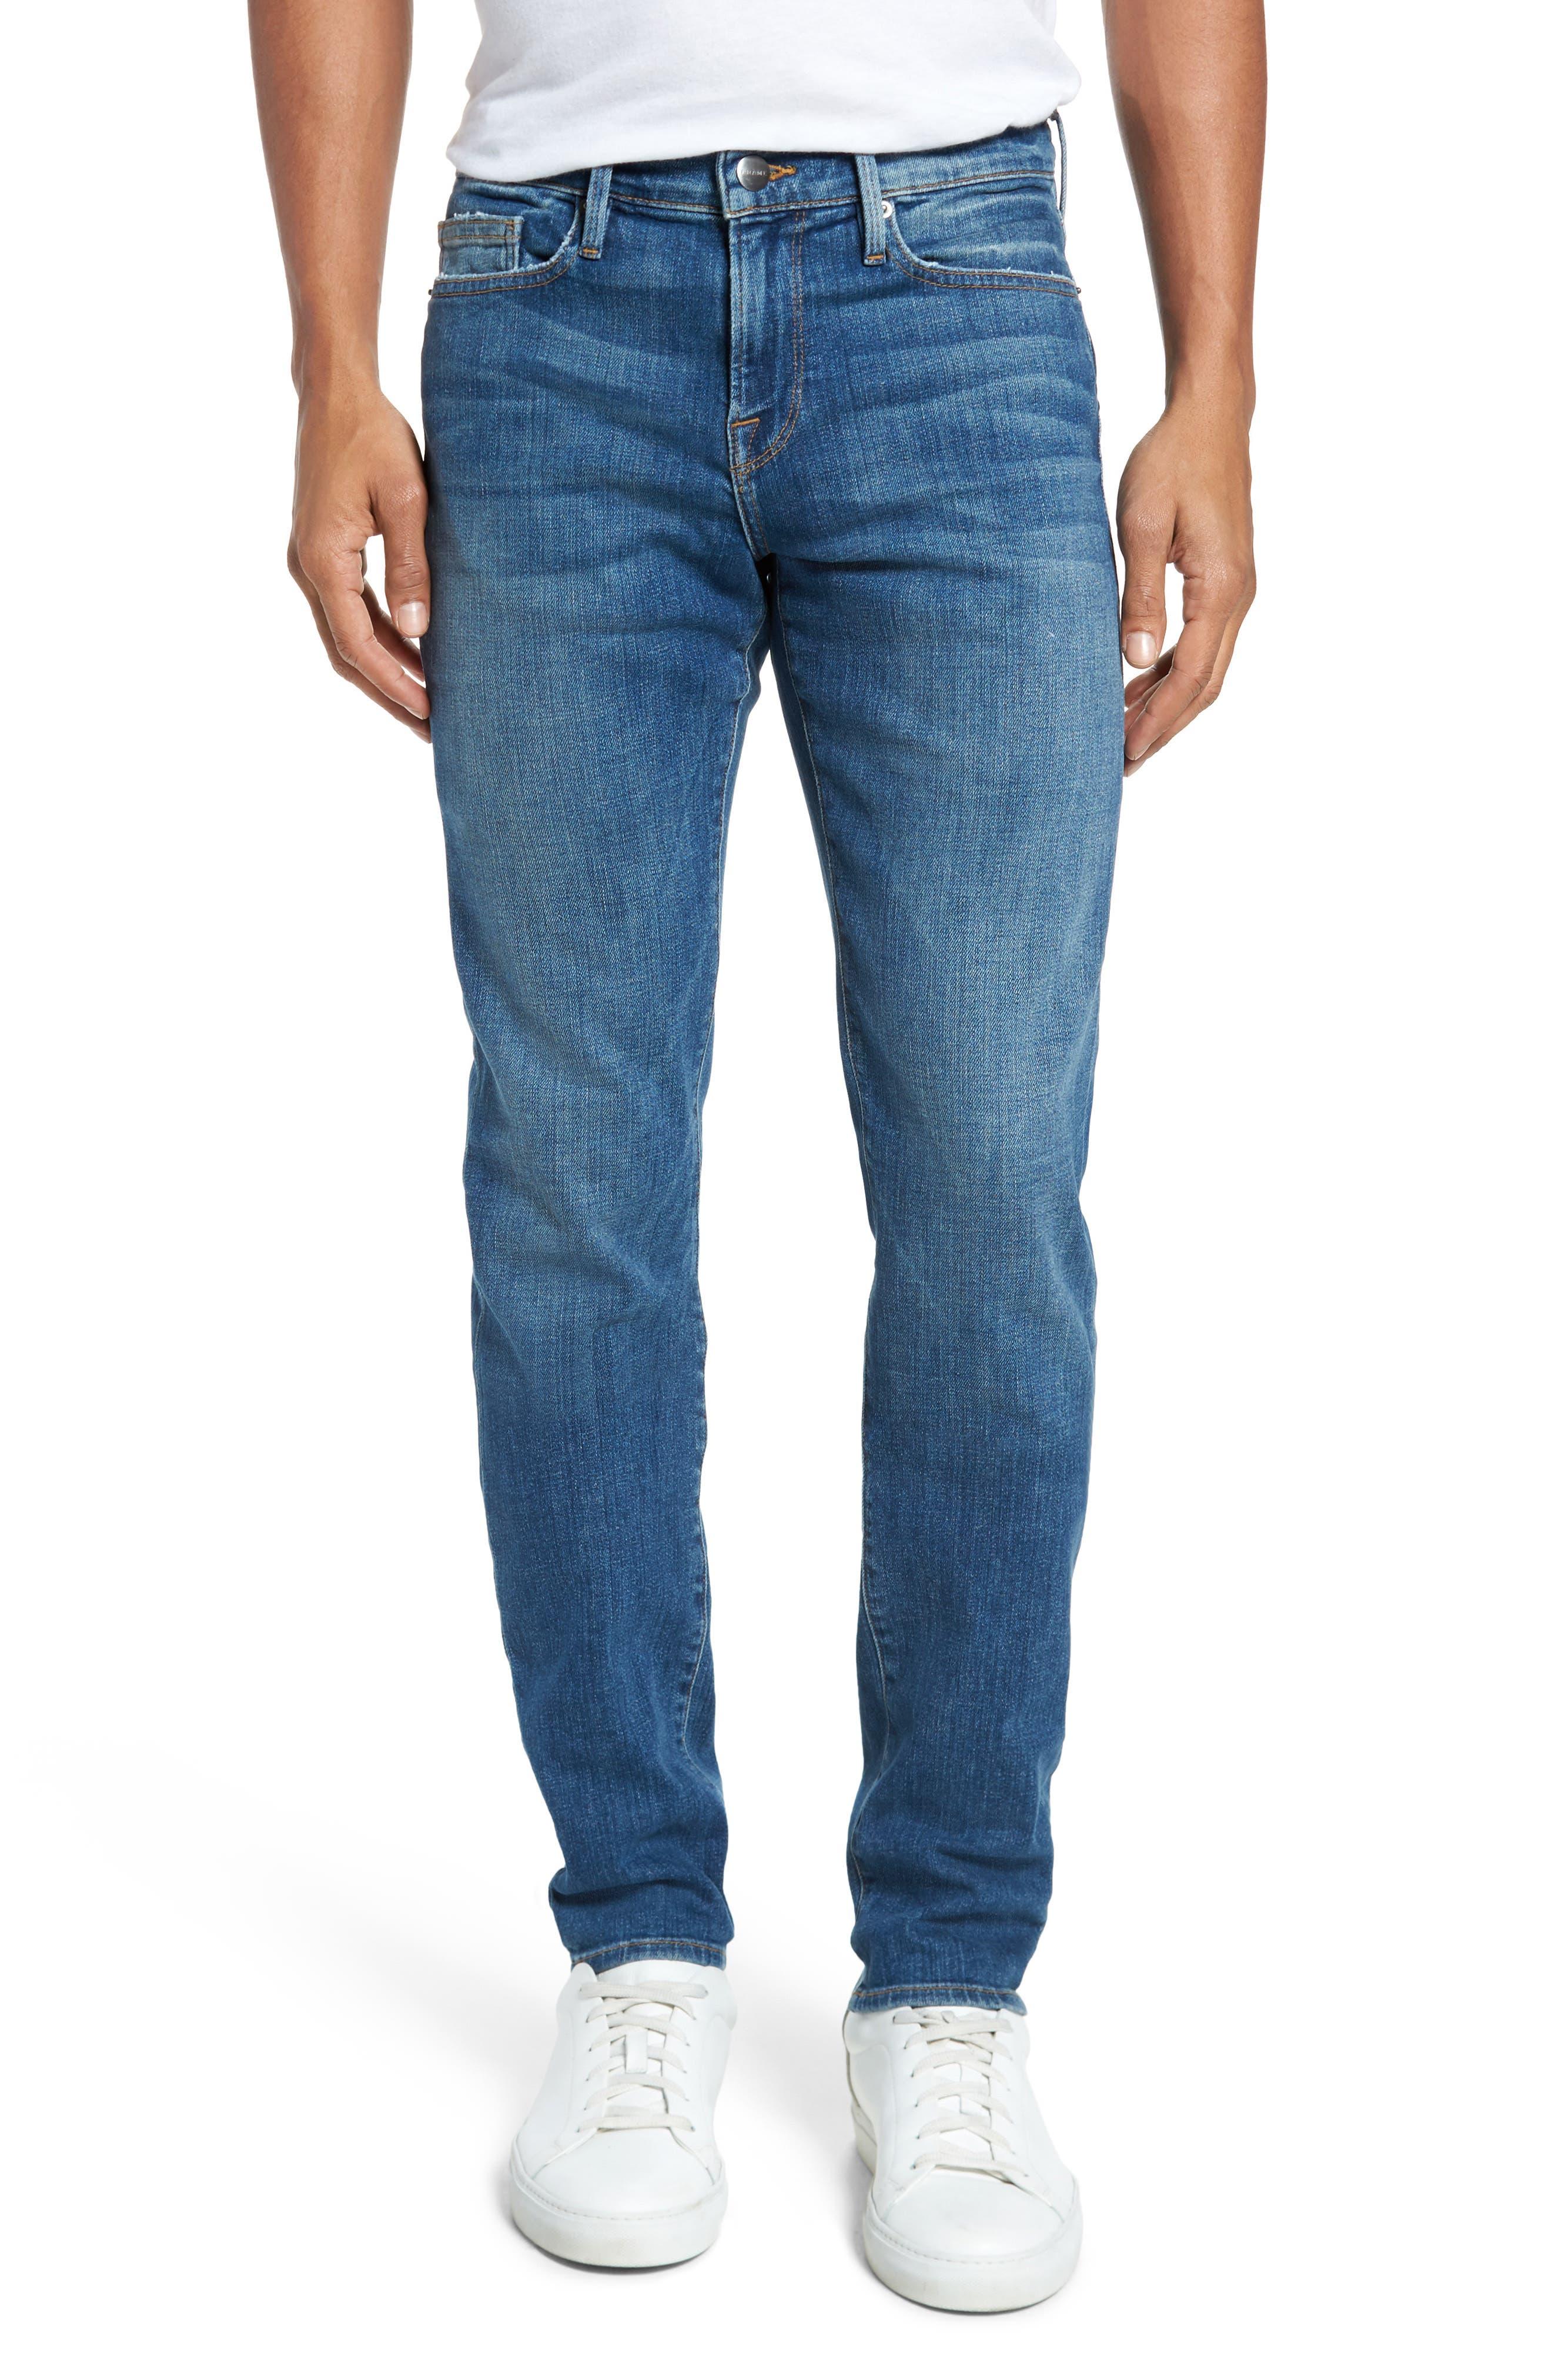 L'Homme Slim Fit Jeans,                             Main thumbnail 1, color,                             407